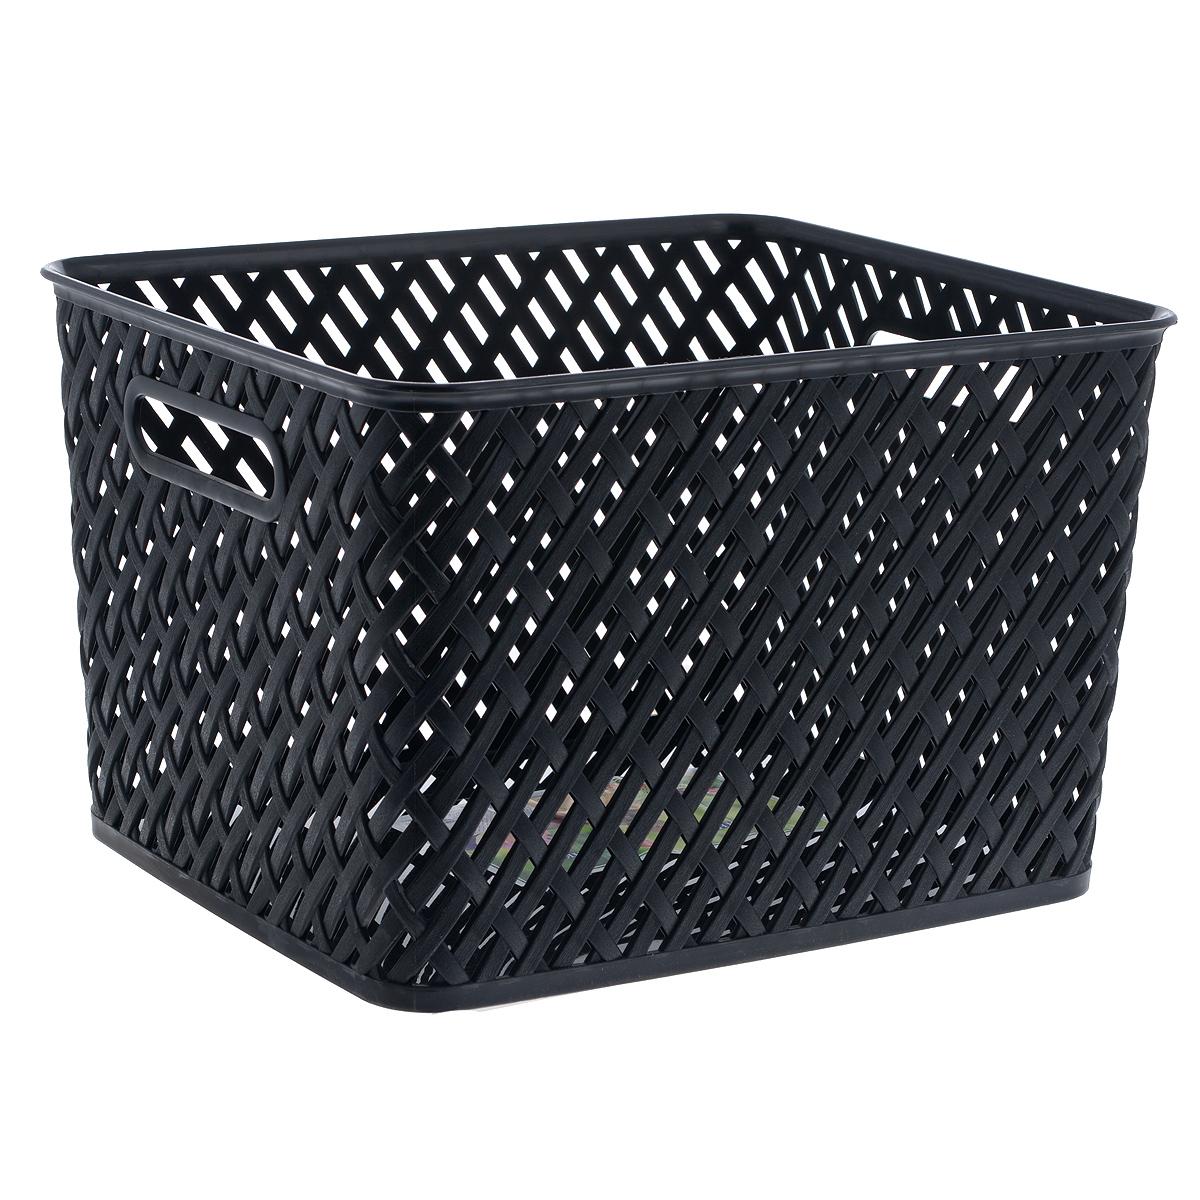 Корзина Альтернатива Плетенка, цвет: черный, 35 см х 29 см х 22,5 см цена